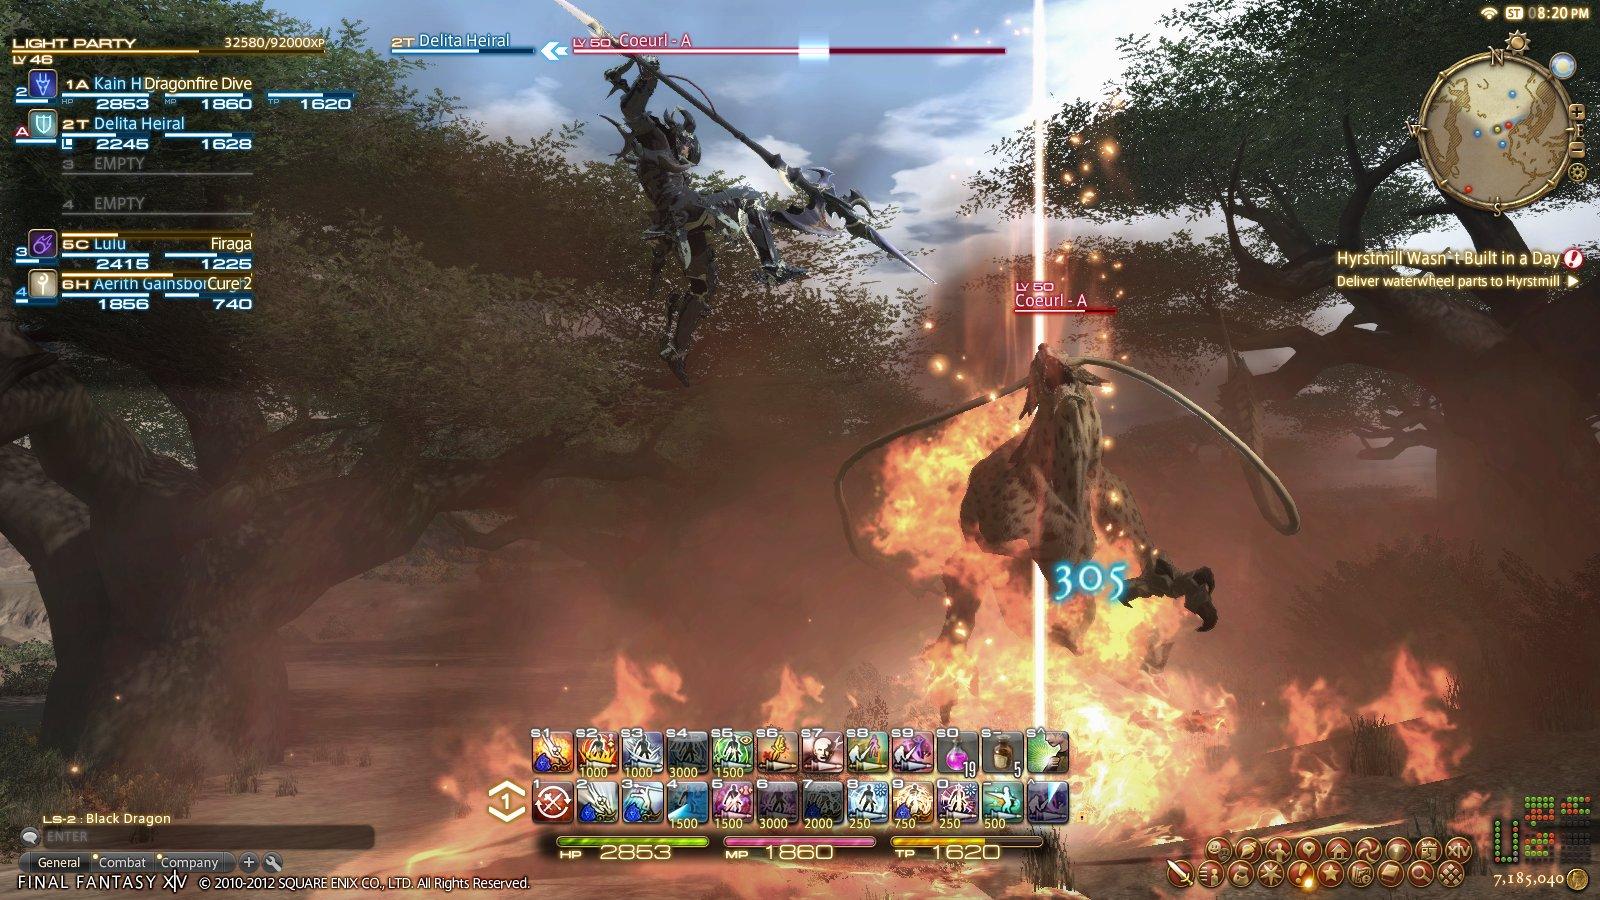 まさに「FF」らしい竜騎士のジャンプ攻撃のシーン。「FFXI」と異なり、滞空シーンを描いているのが大きな特徴となる